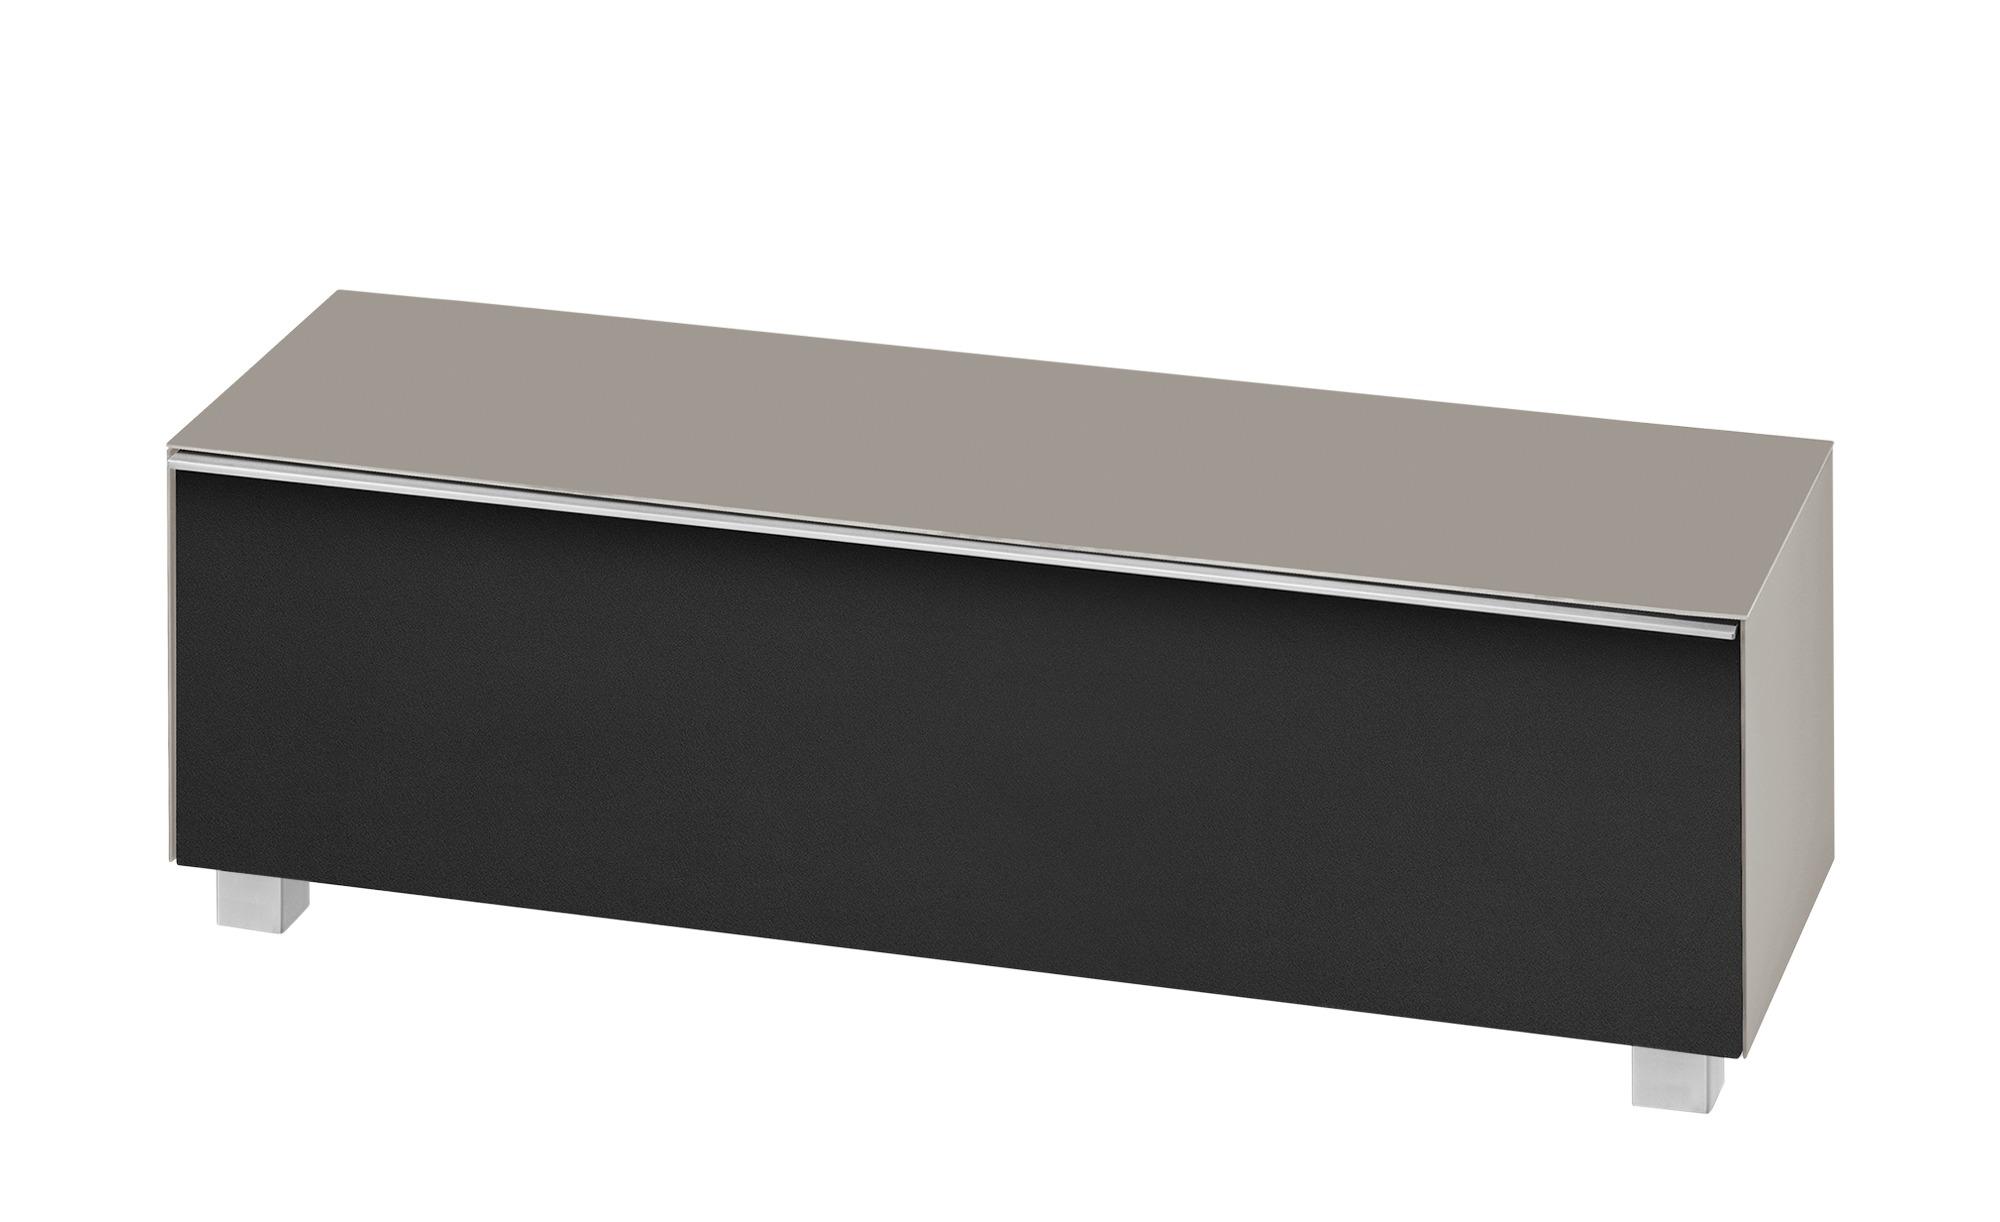 lowboard soundbase s breite 140 cm h he 43 cm braun. Black Bedroom Furniture Sets. Home Design Ideas